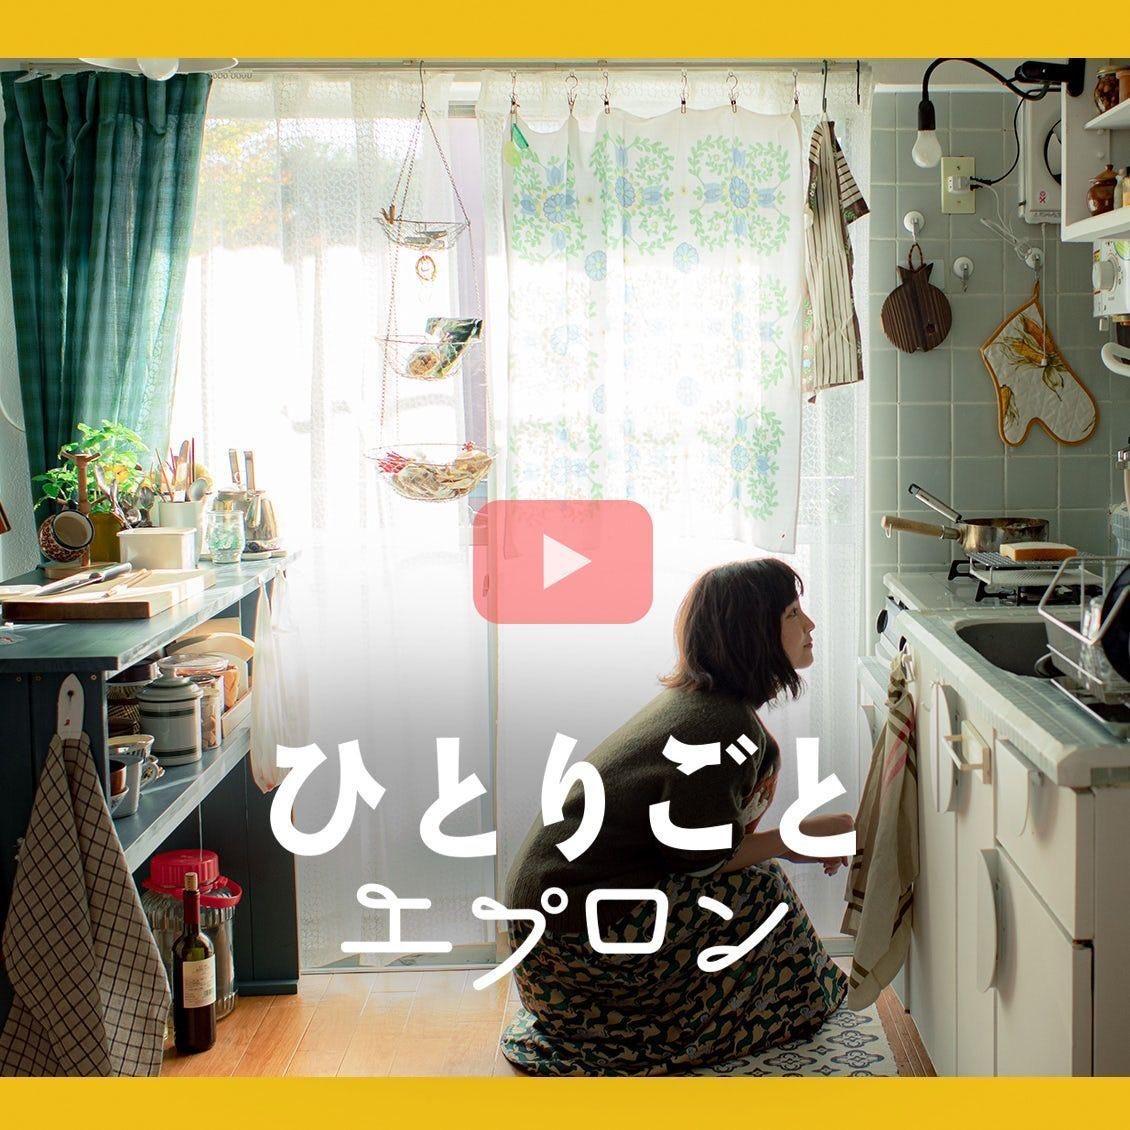 test ツイッターメディア - 「ひとりごとエプロン」第三話 「豆乳のお味噌汁とトースト」配信されました🍞 寒い日の朝に豆乳のお味噌汁… こっくりとしたまろやかさが、体をあたためてくれます。 トーストとも、相性ばっちり◎ Youtubeでぜひご覧ください😊  https://t.co/tnxFIqTpNN  #ひとりごとエプロン  @hokuoh_kurashi https://t.co/KbWVd9fKqy